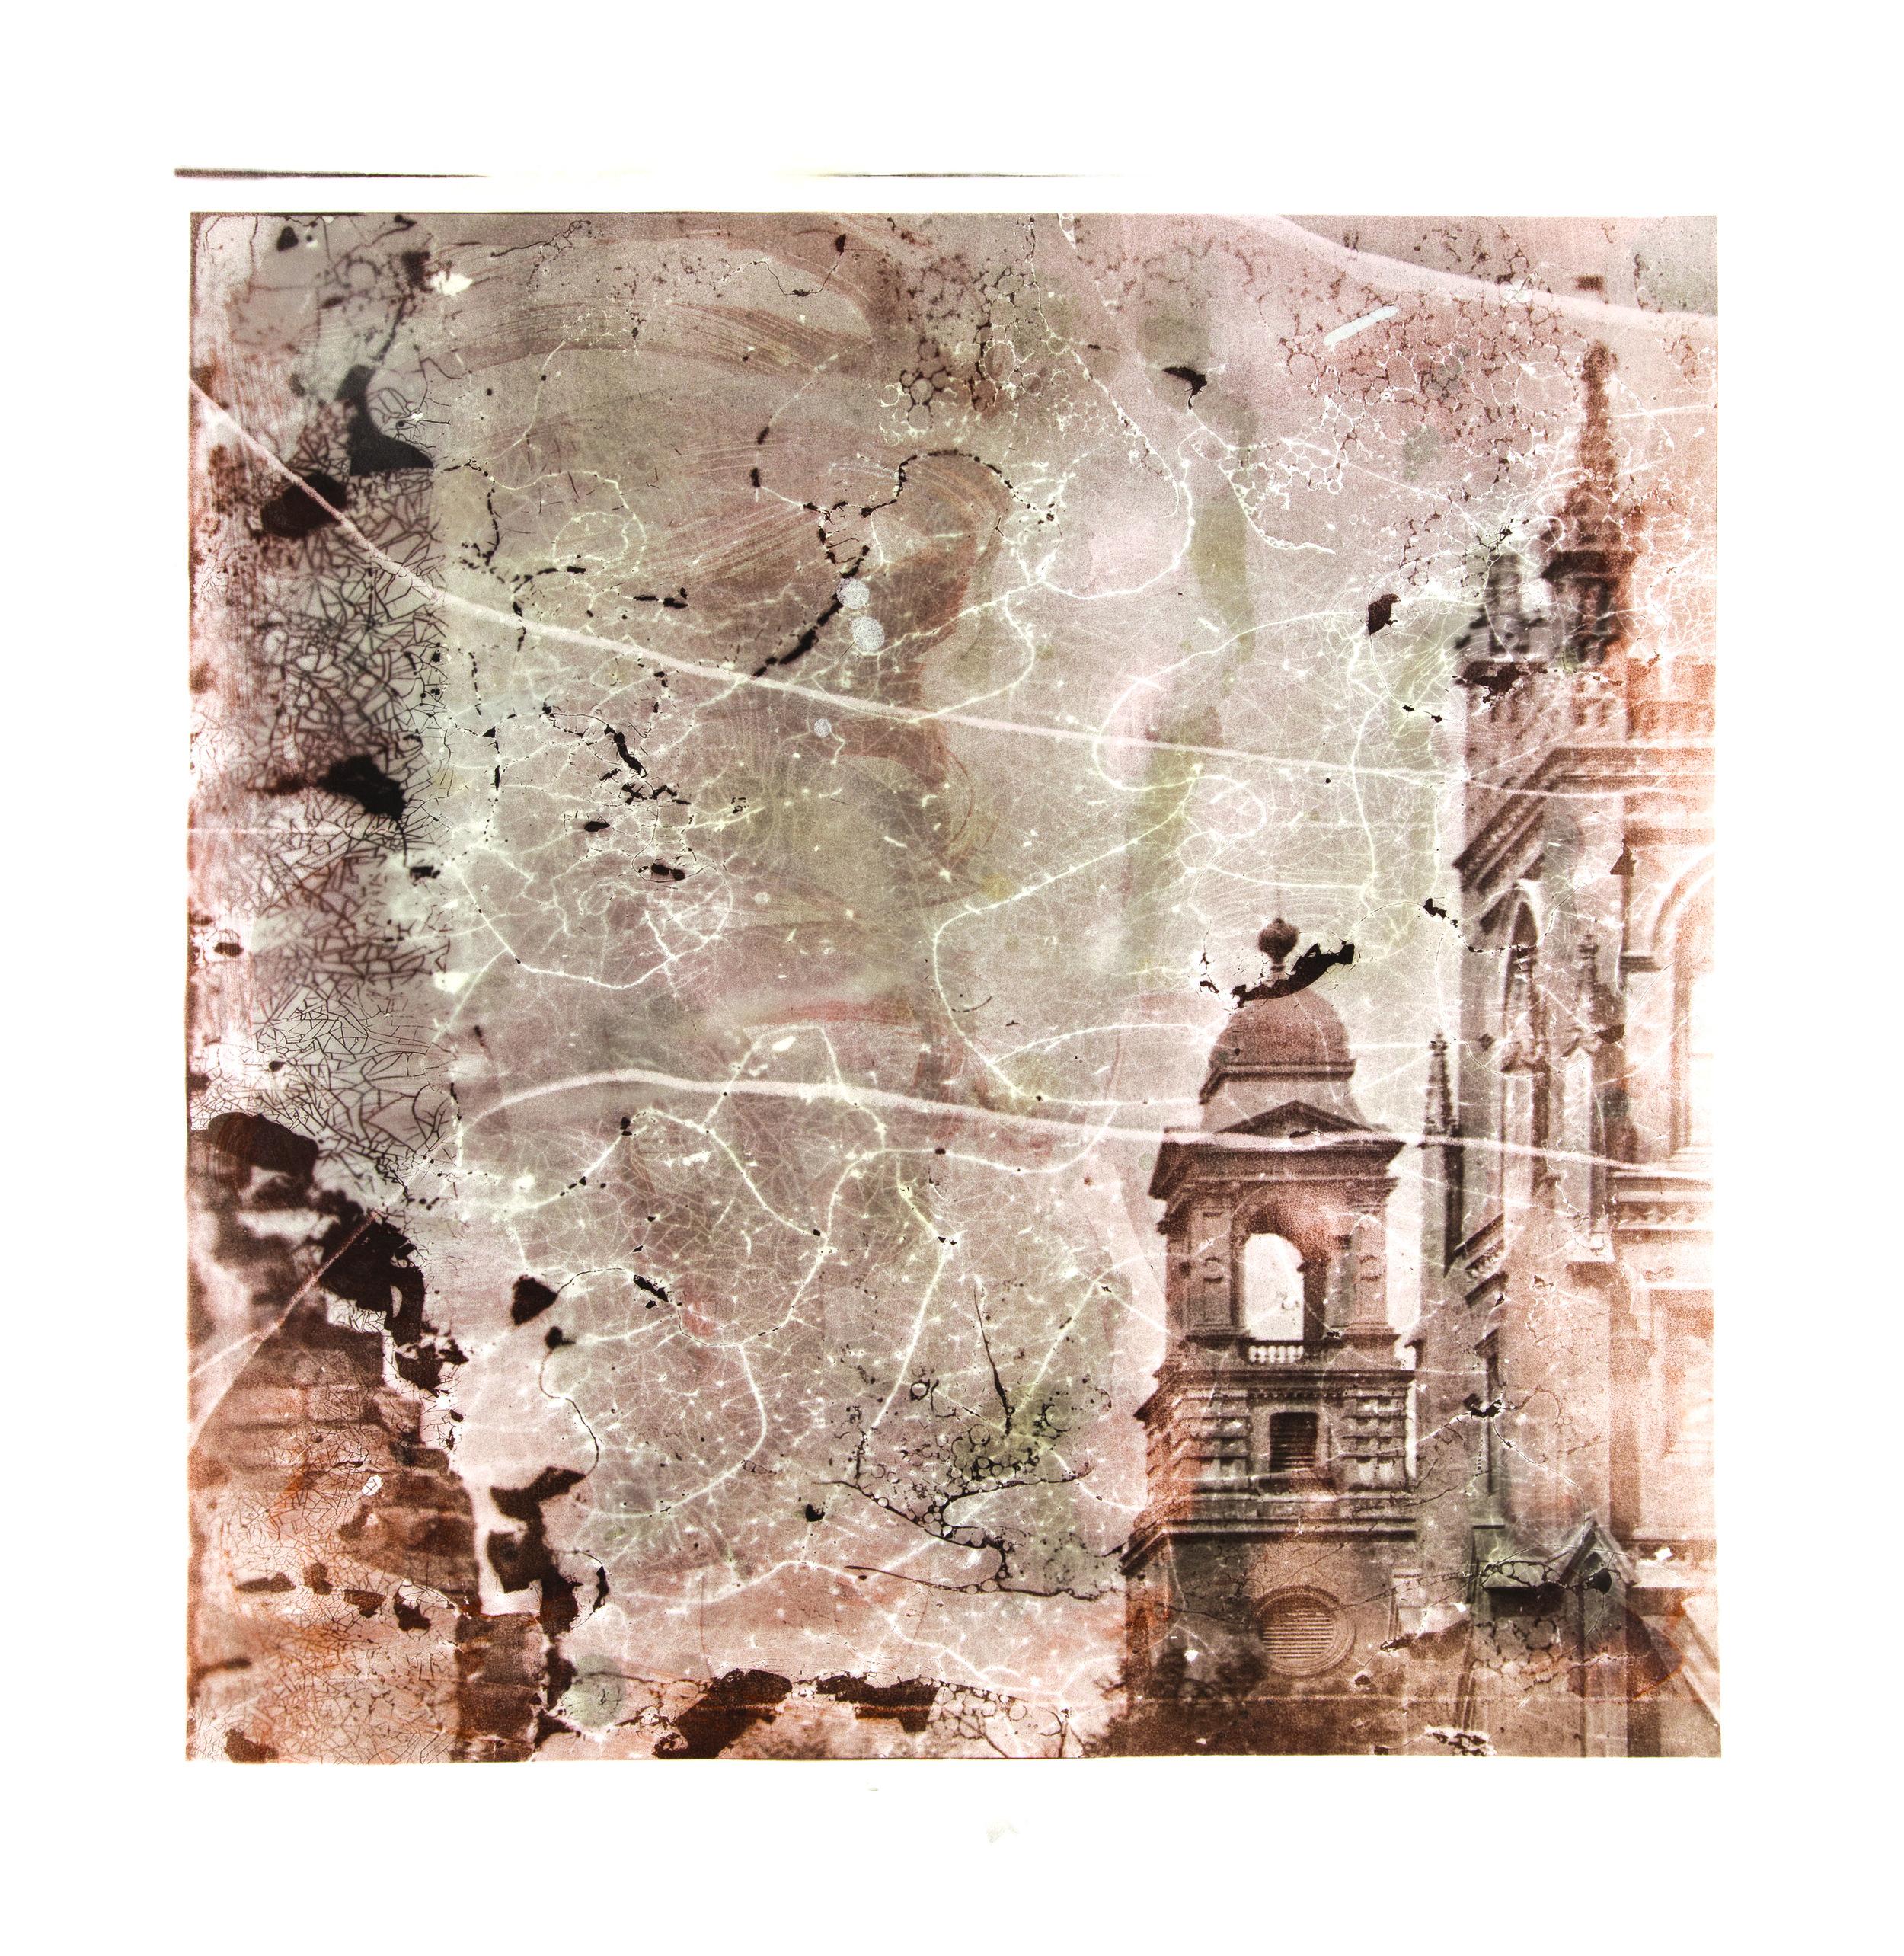 1864, 03027ab2  2017  peaches, eggs, salt, sugar, flour, cinnamon, butter,  and silver nitrate on paper (albumen print)  45 x 45 inches